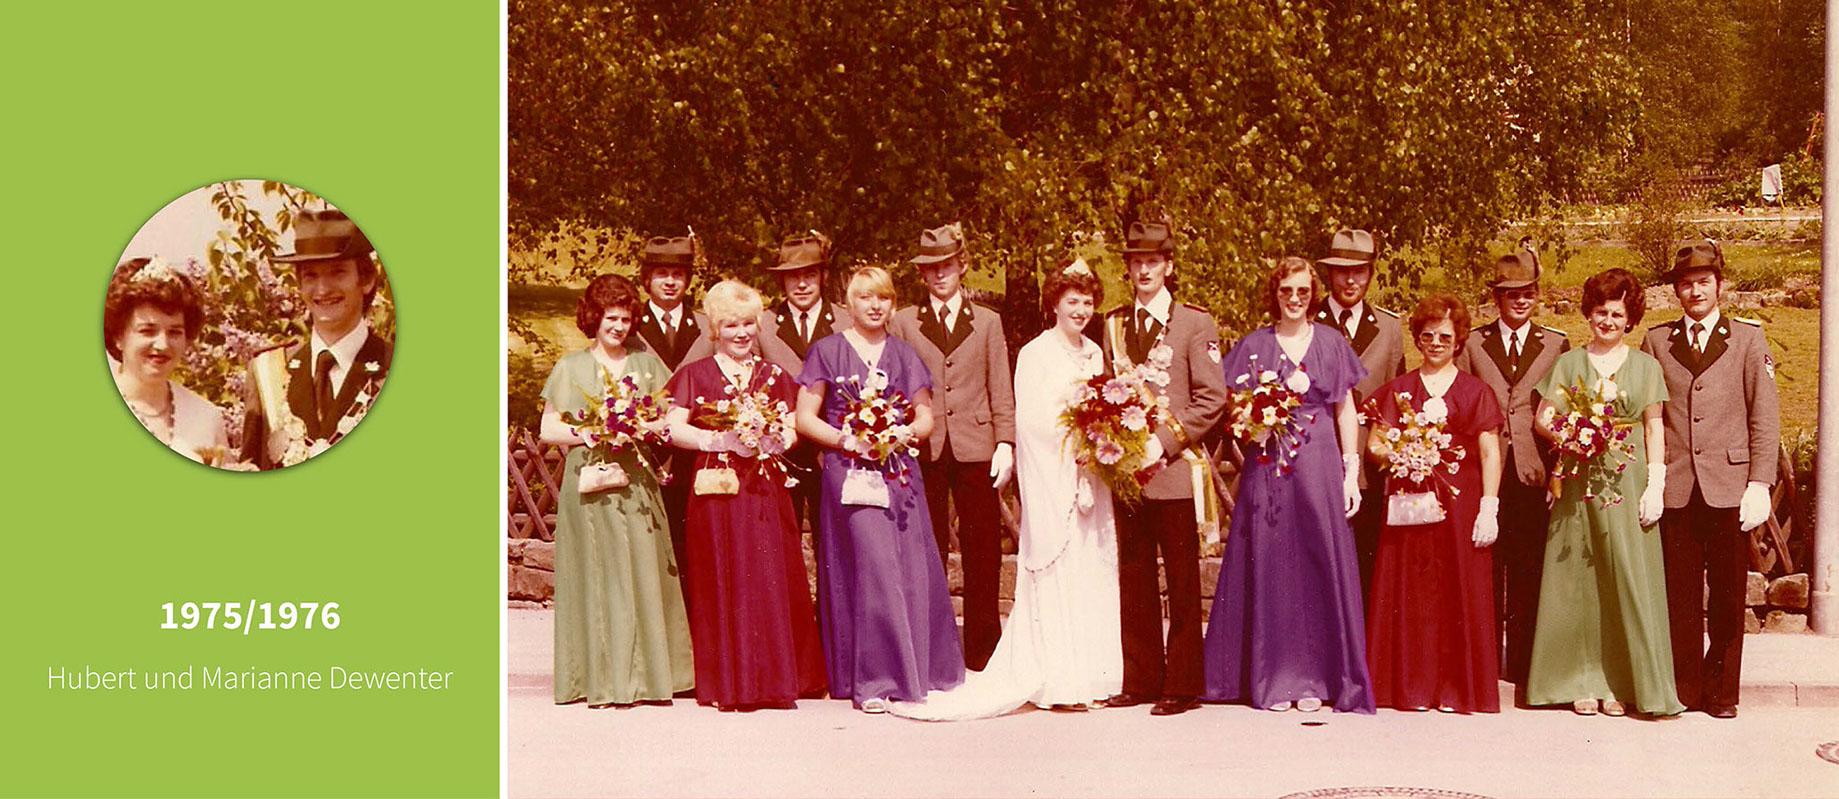 1975_1976_hubert-und-marianne-dewenter